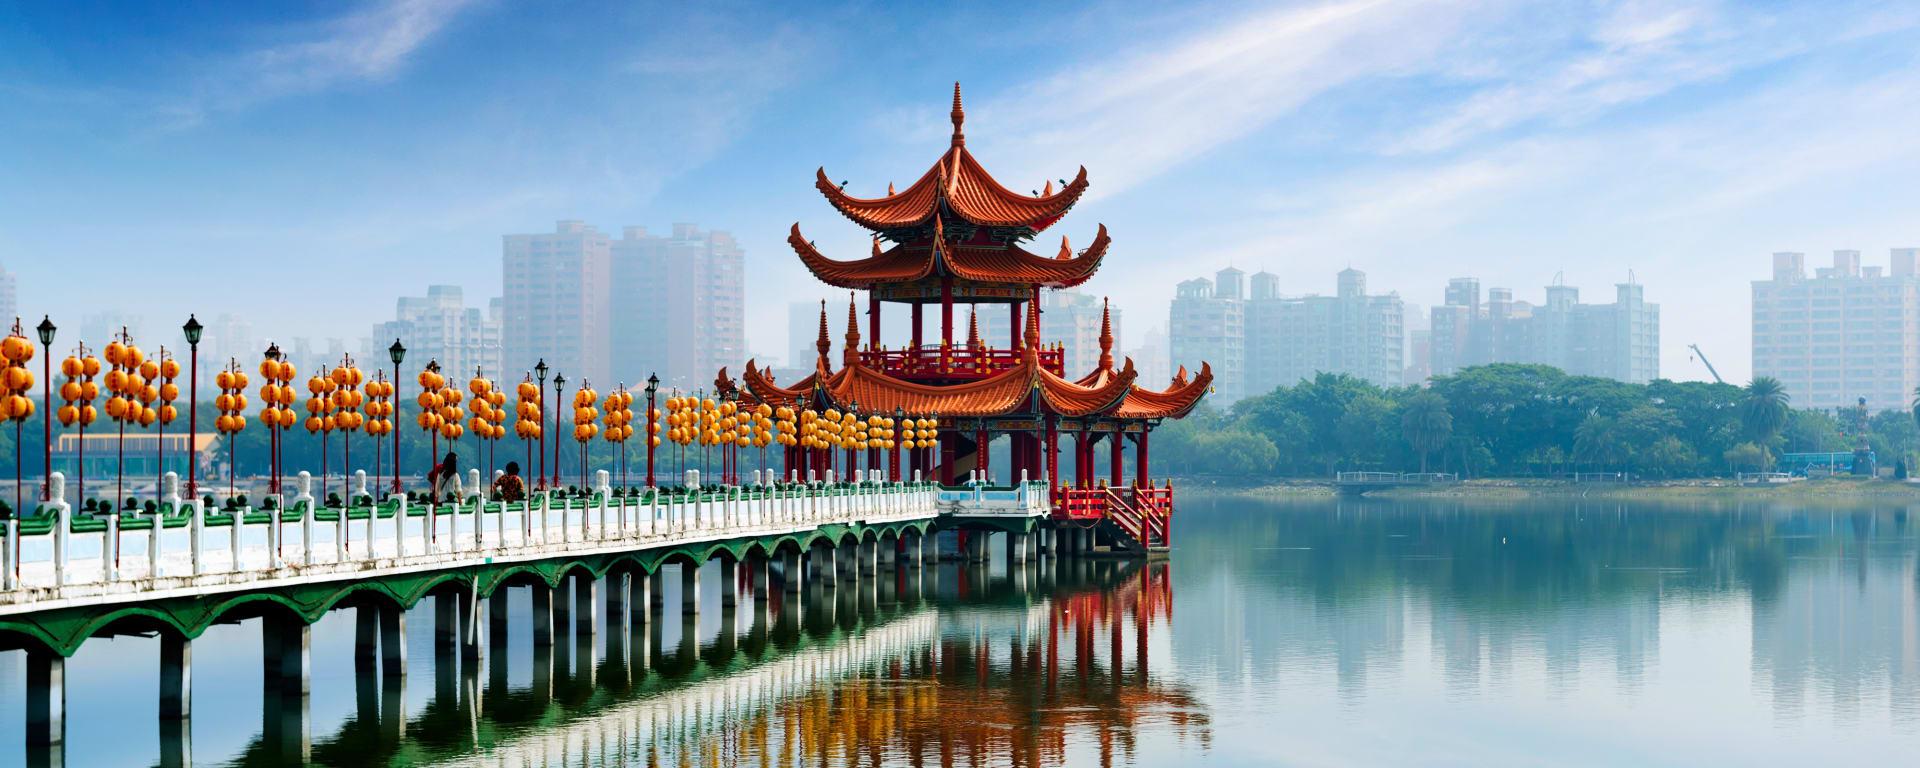 Taiwan entdecken mit Tischler Reisen: Taiwan Kaohsiung Stadtansicht